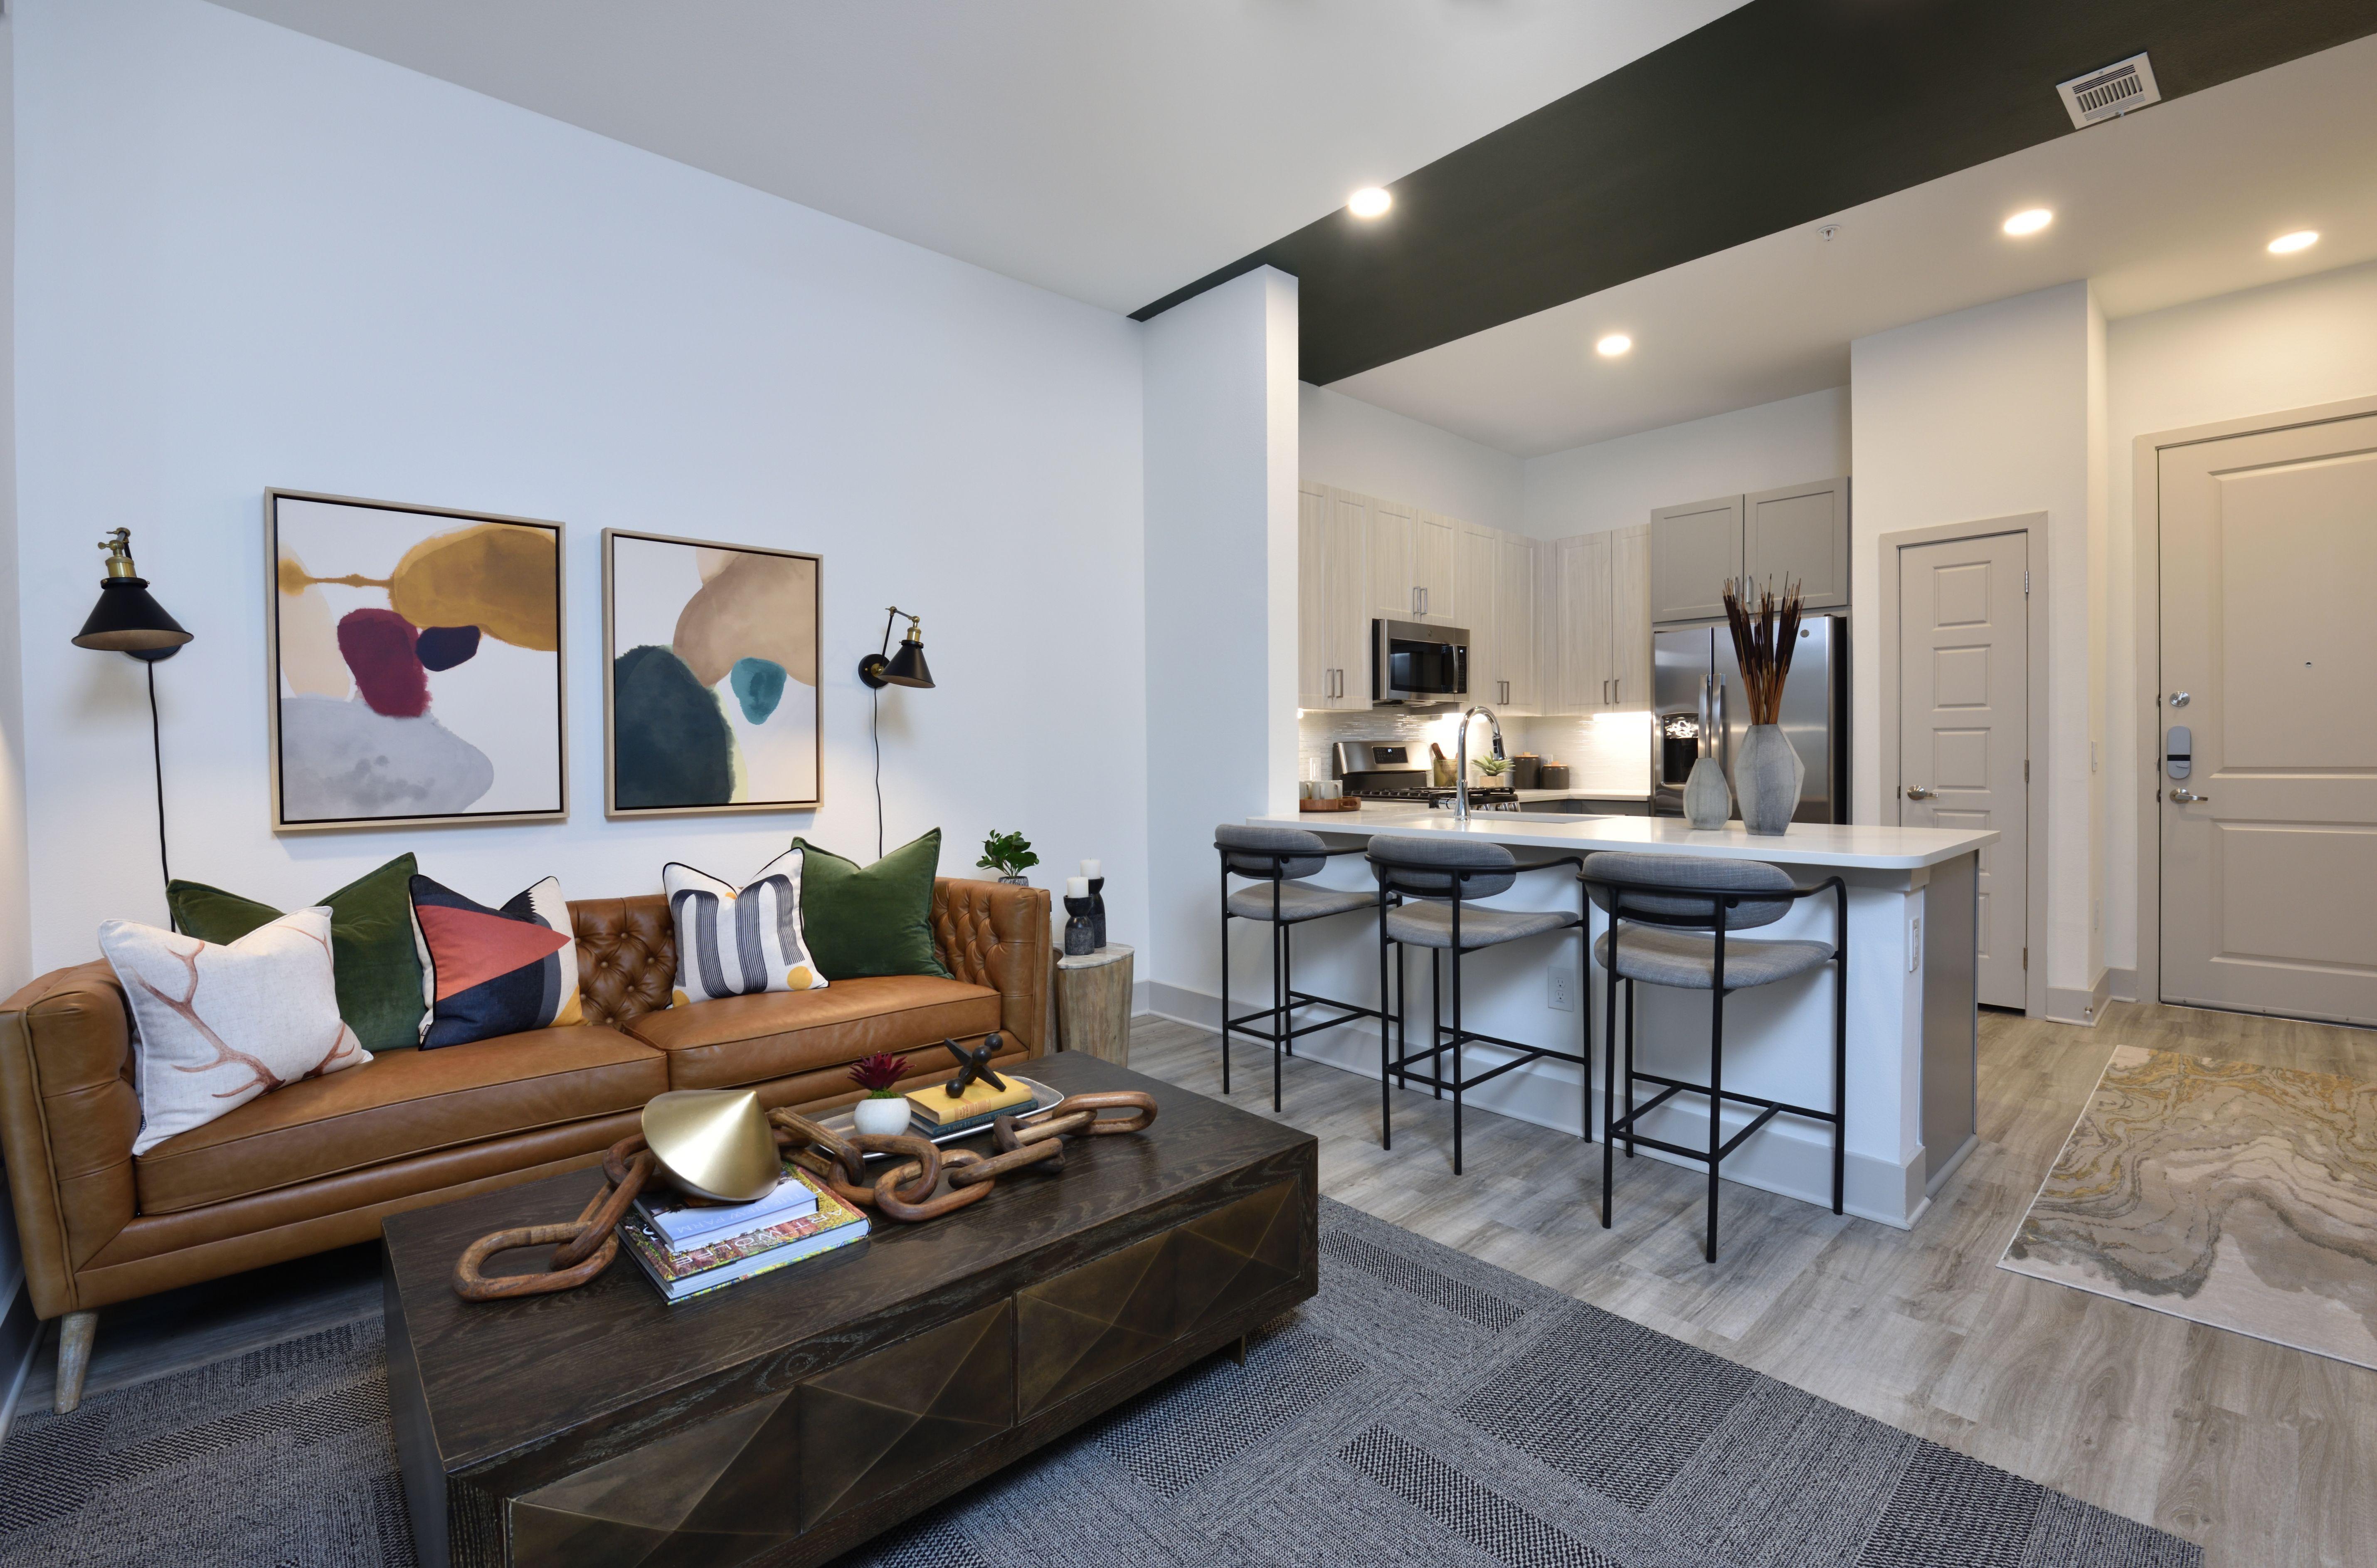 Apartments Near Houston Alta West Alabama for Houston Students in Houston, TX